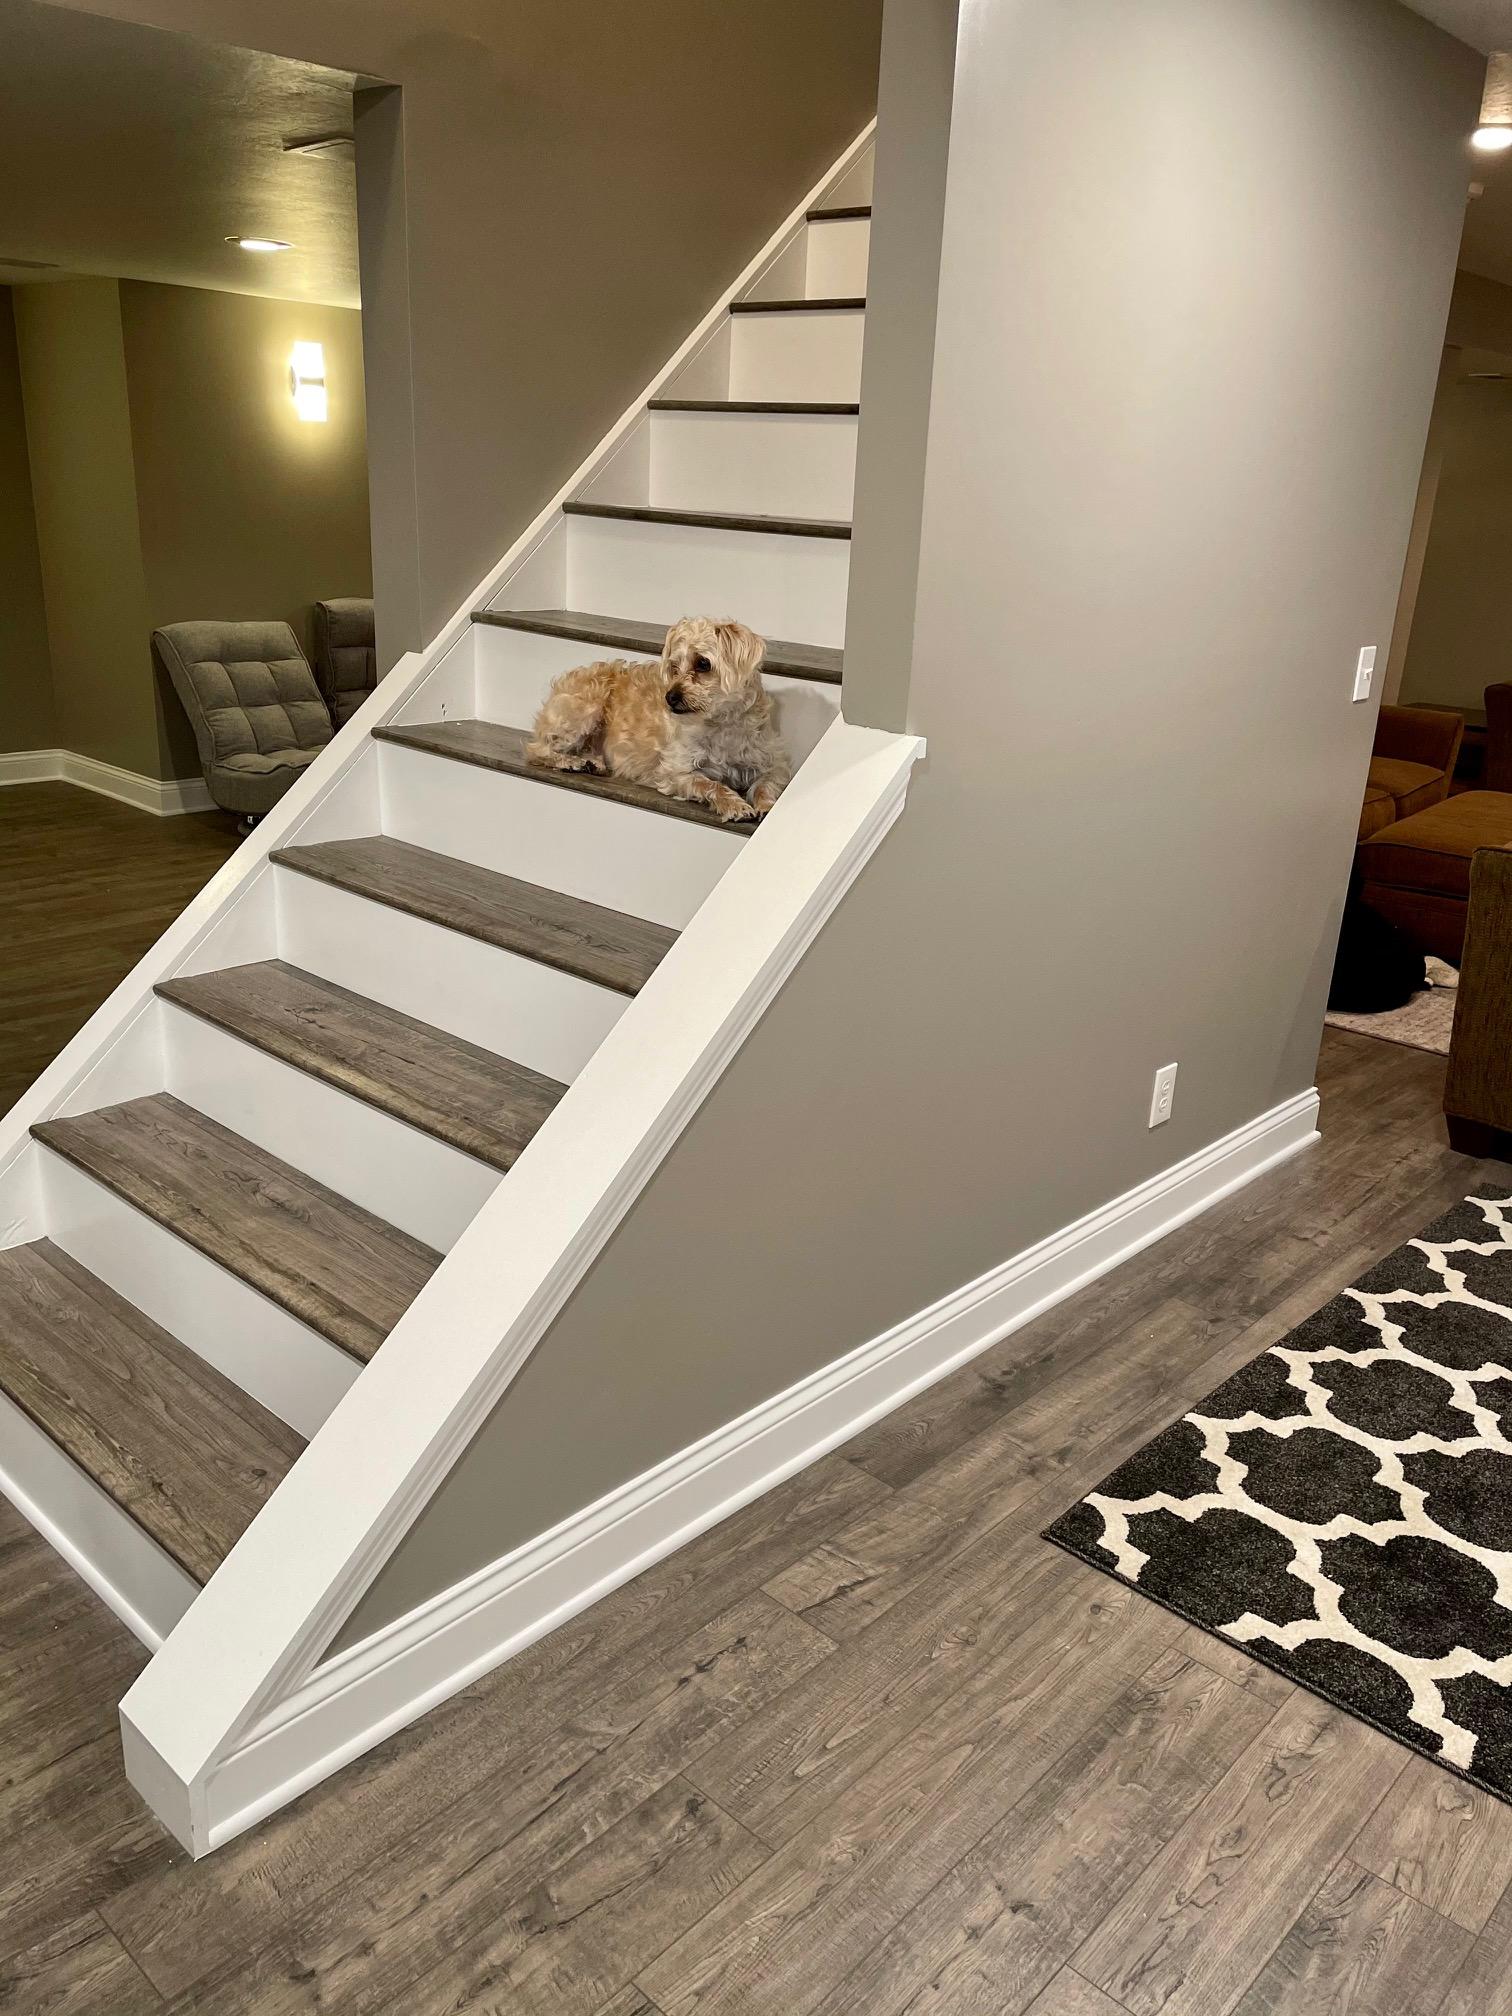 Laminate Flooring Installation on Stairs